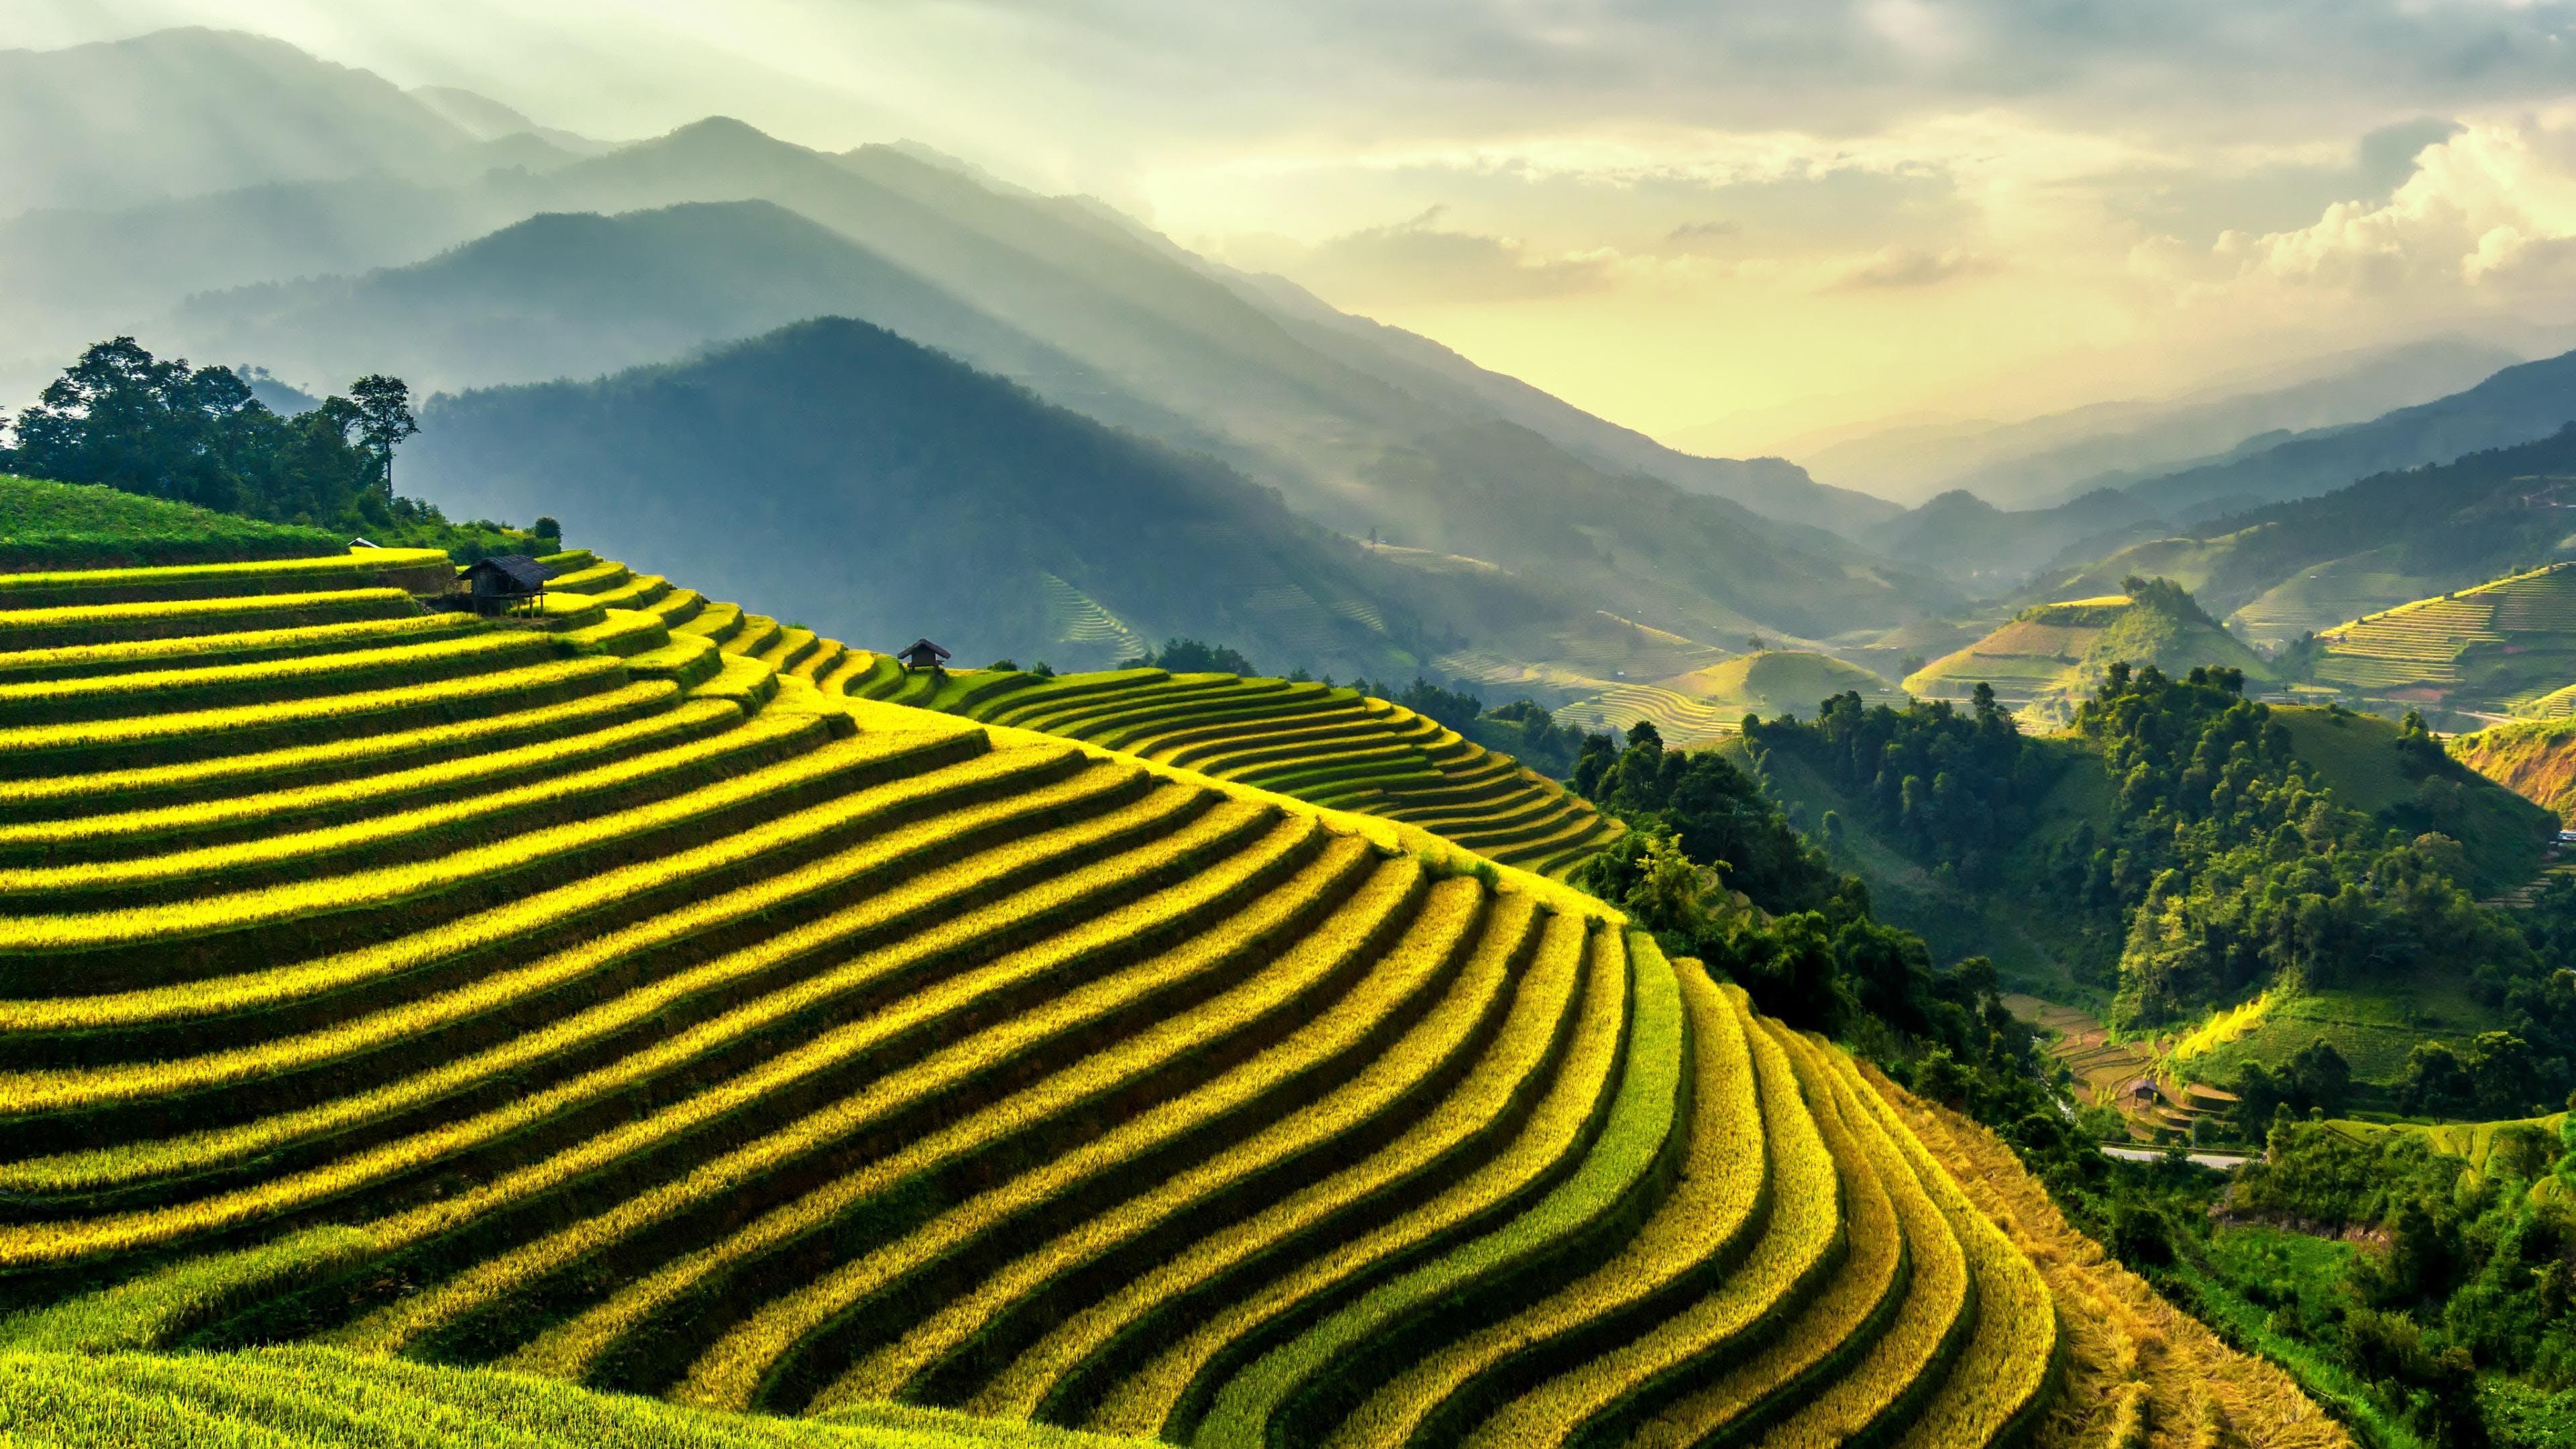 αγρόκτημα, ανάπτυξη, βουνά